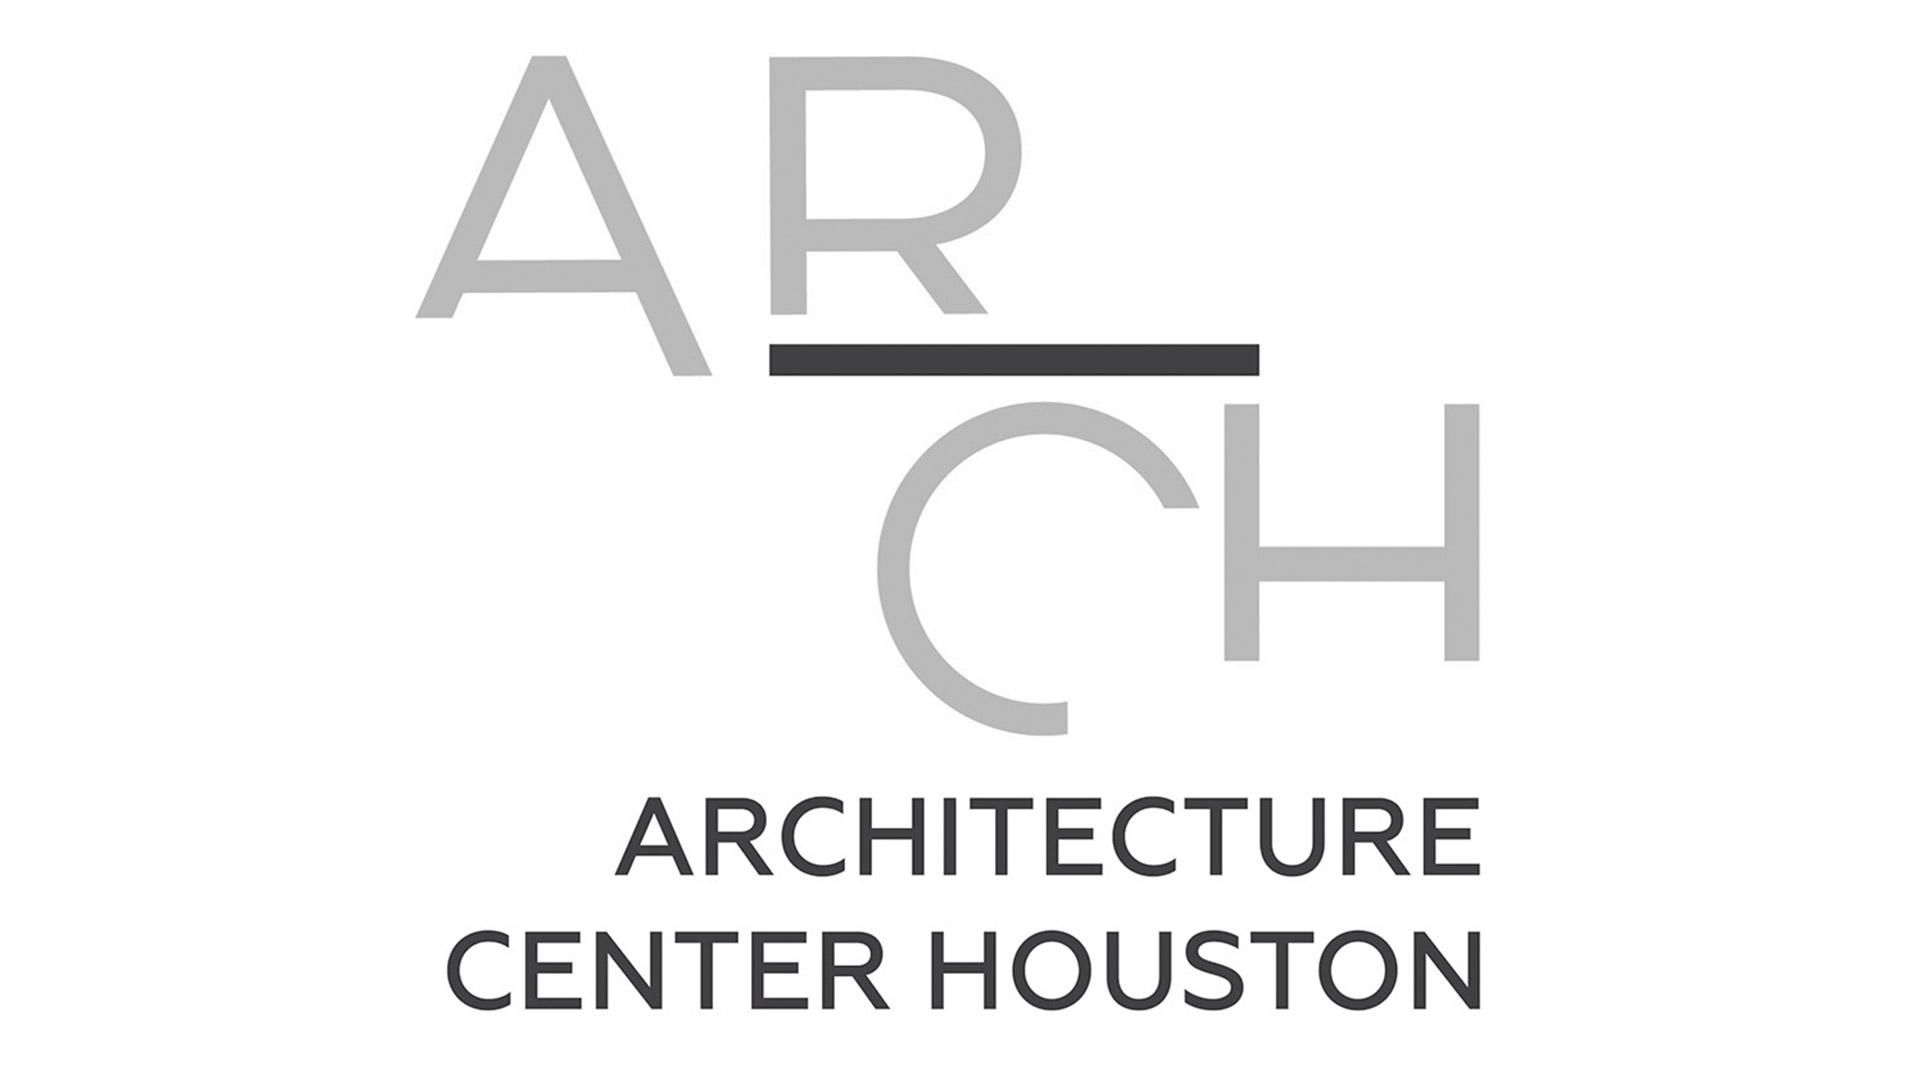 ArCH_logo_1920x1080